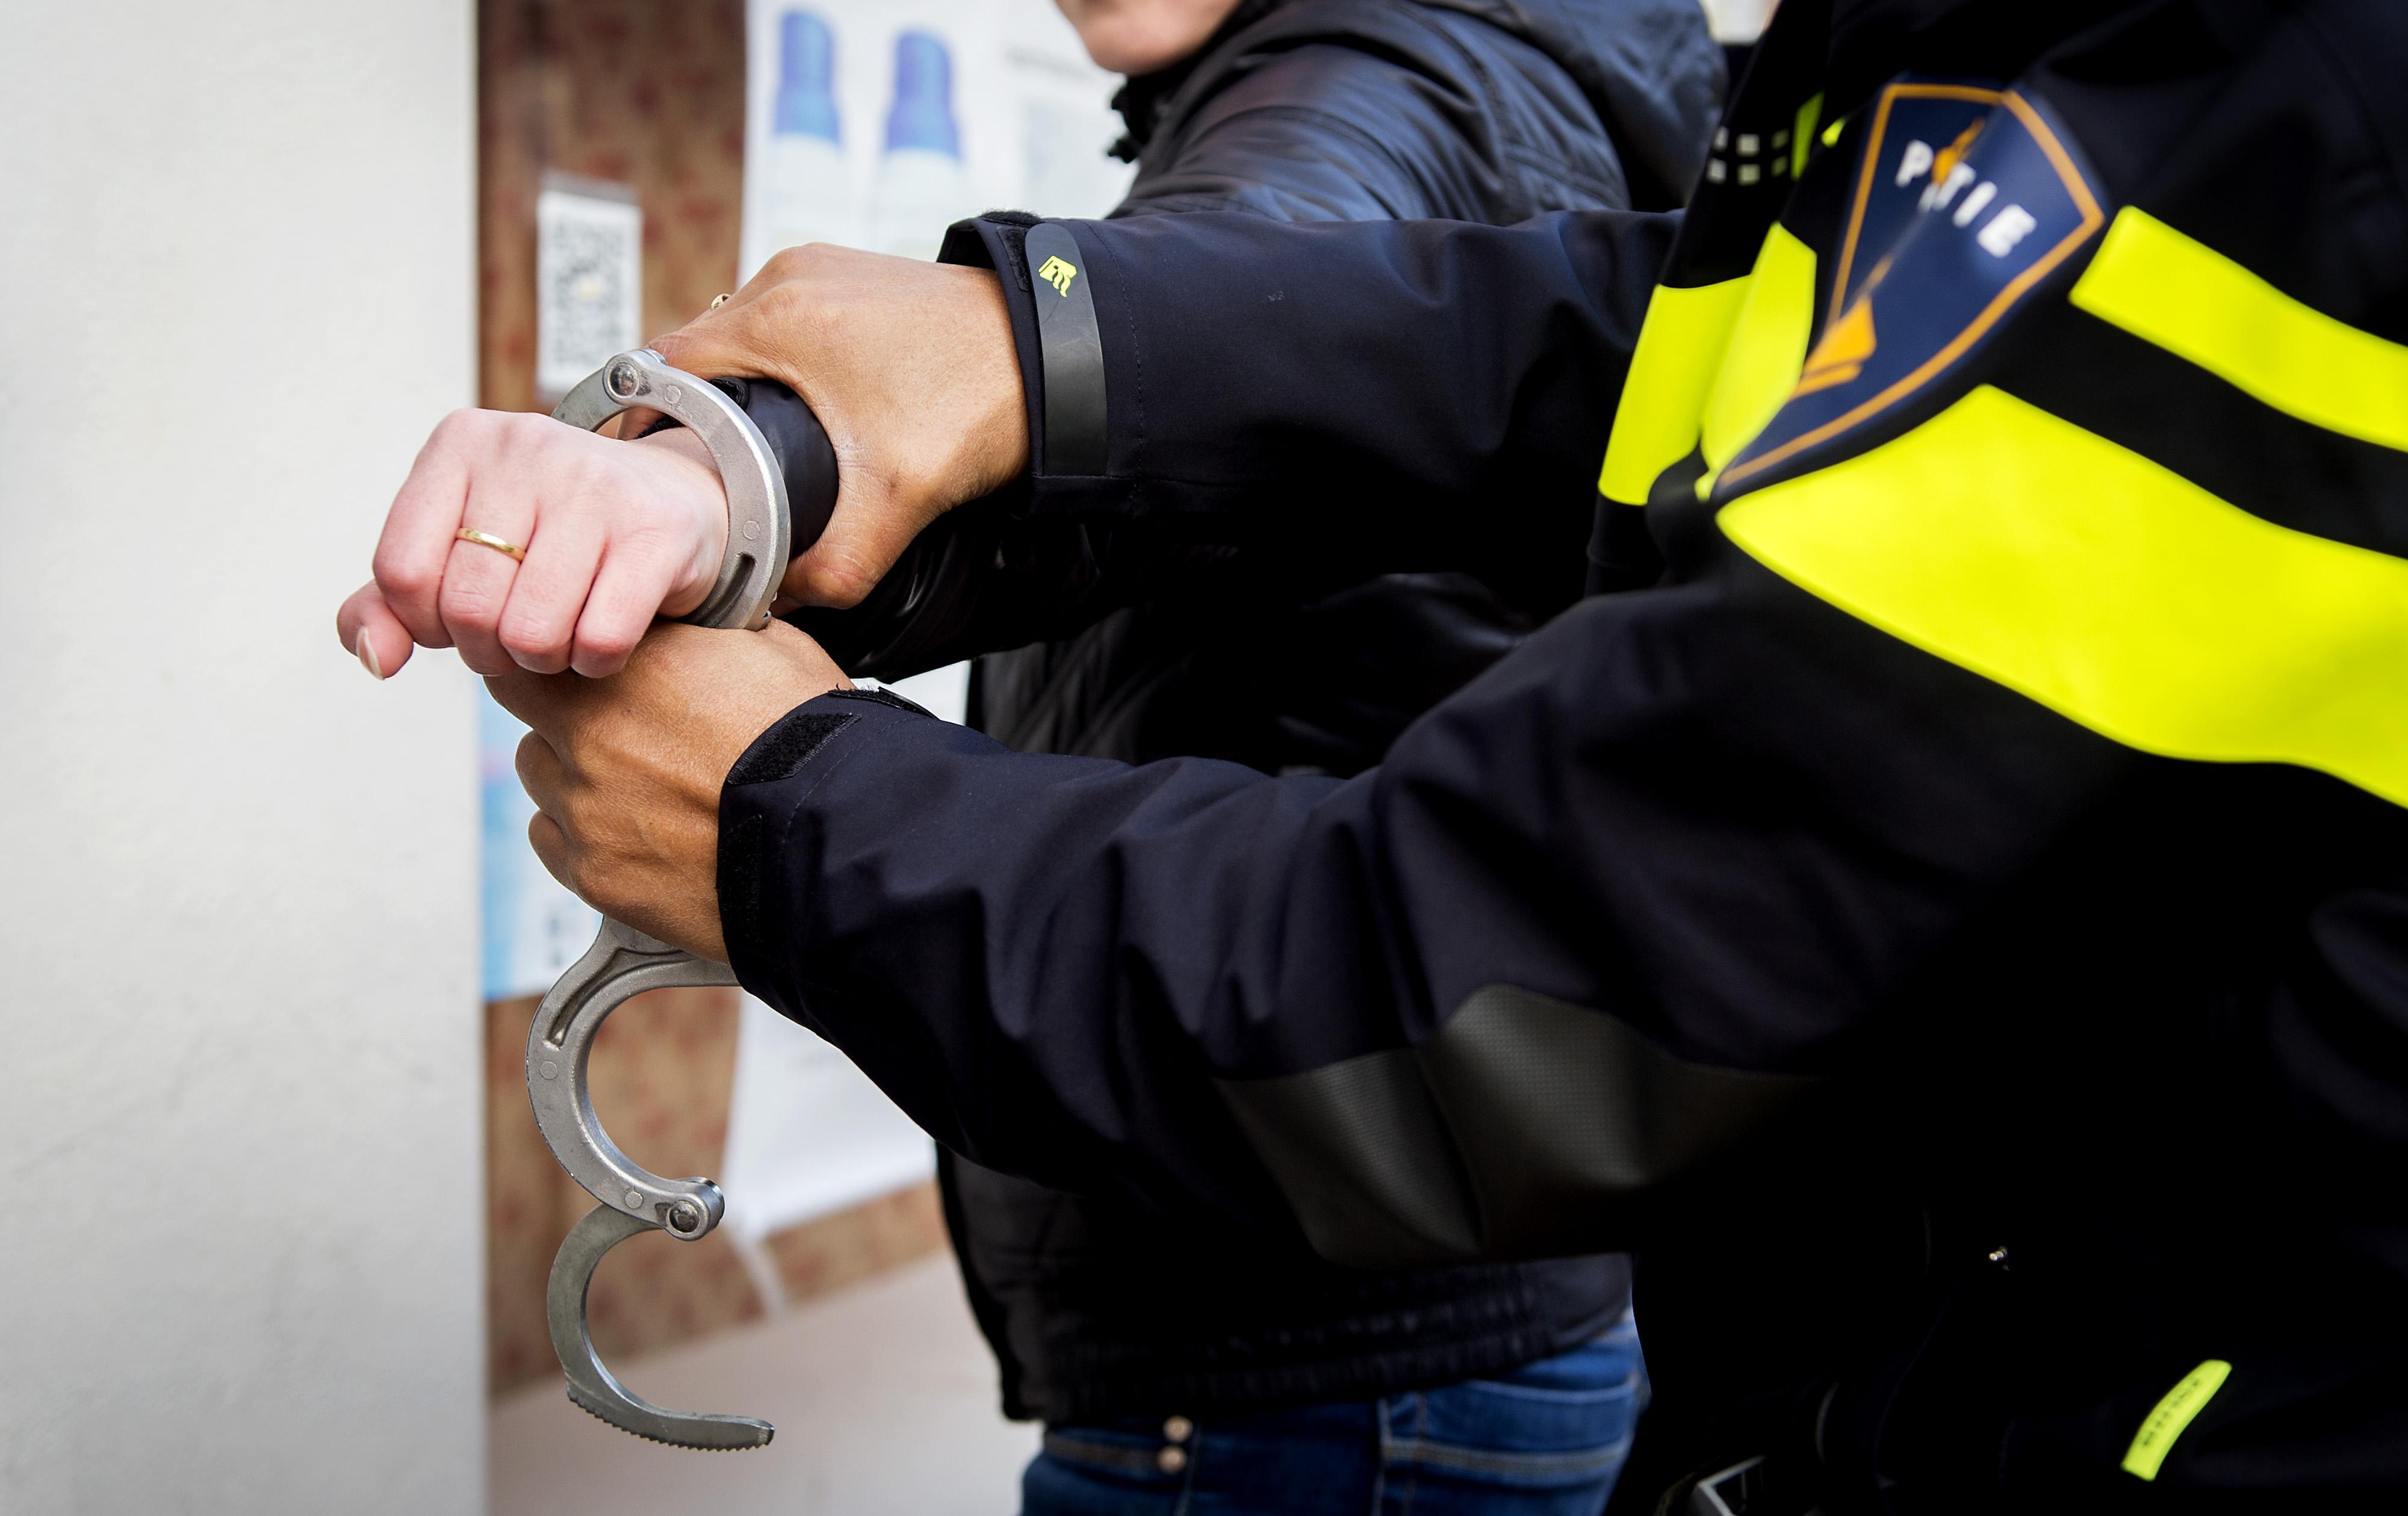 Politie rolt drugsbende op, man uit Nieuw-Vennep aangehouden